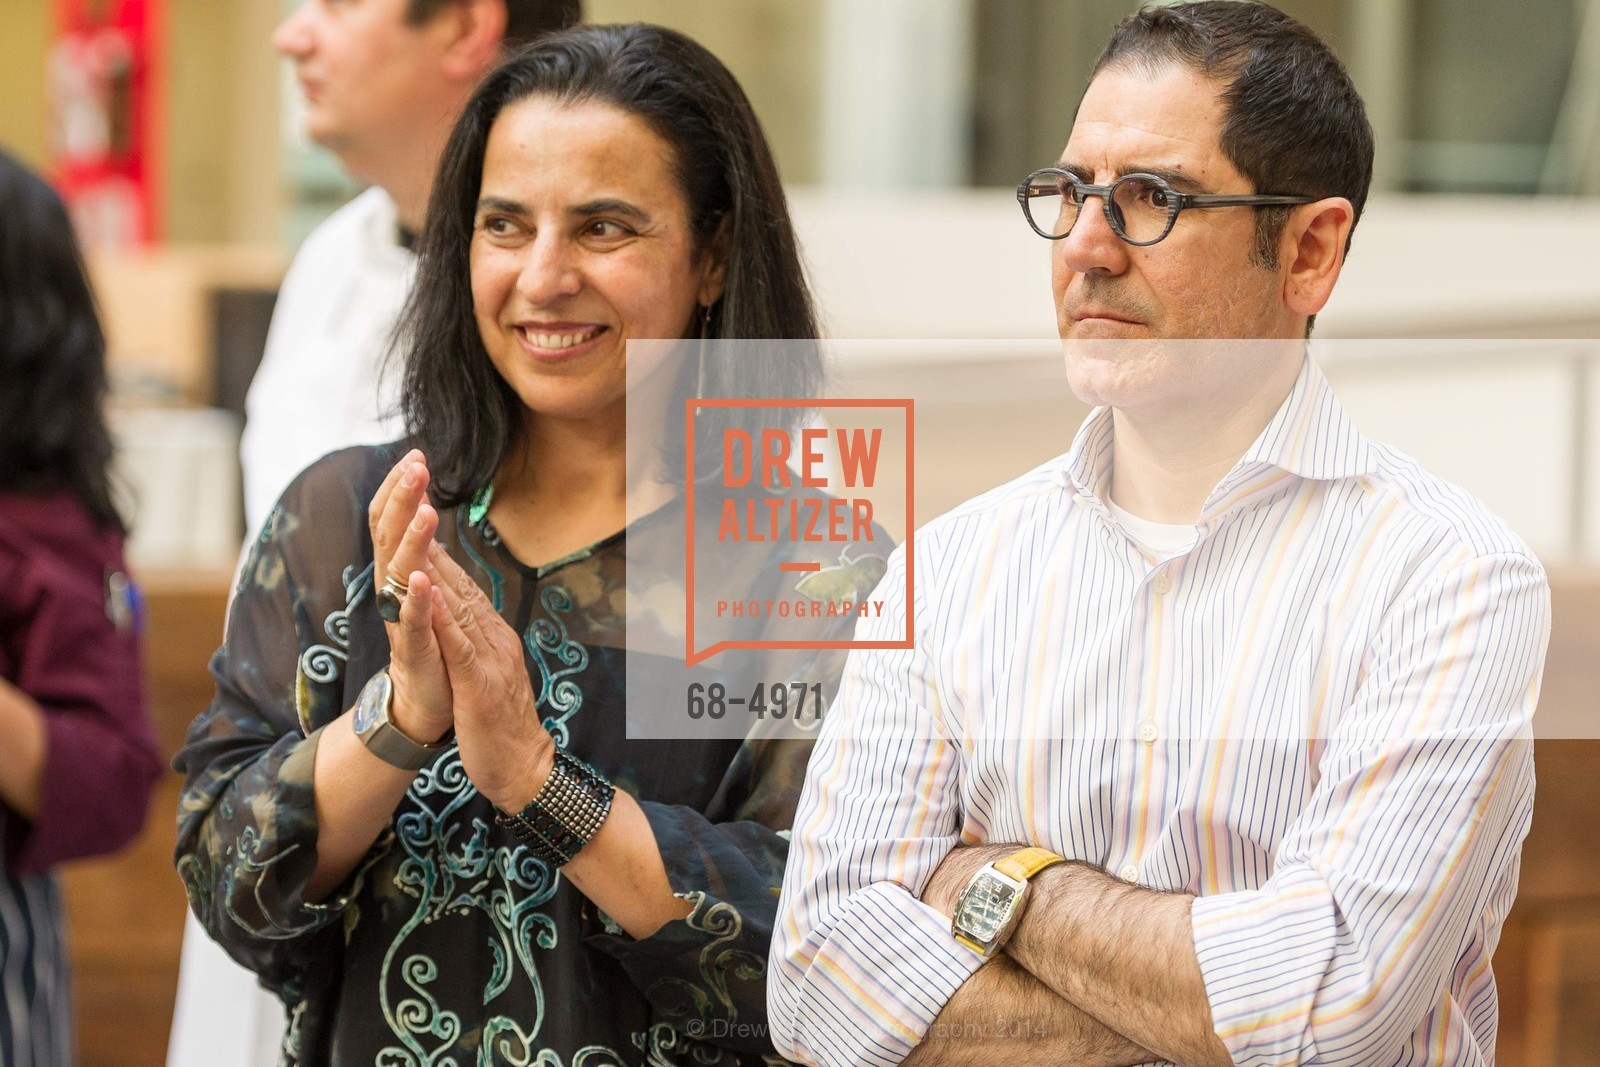 Lorella Degan, Massimiliano Conti, Photo #68-4971